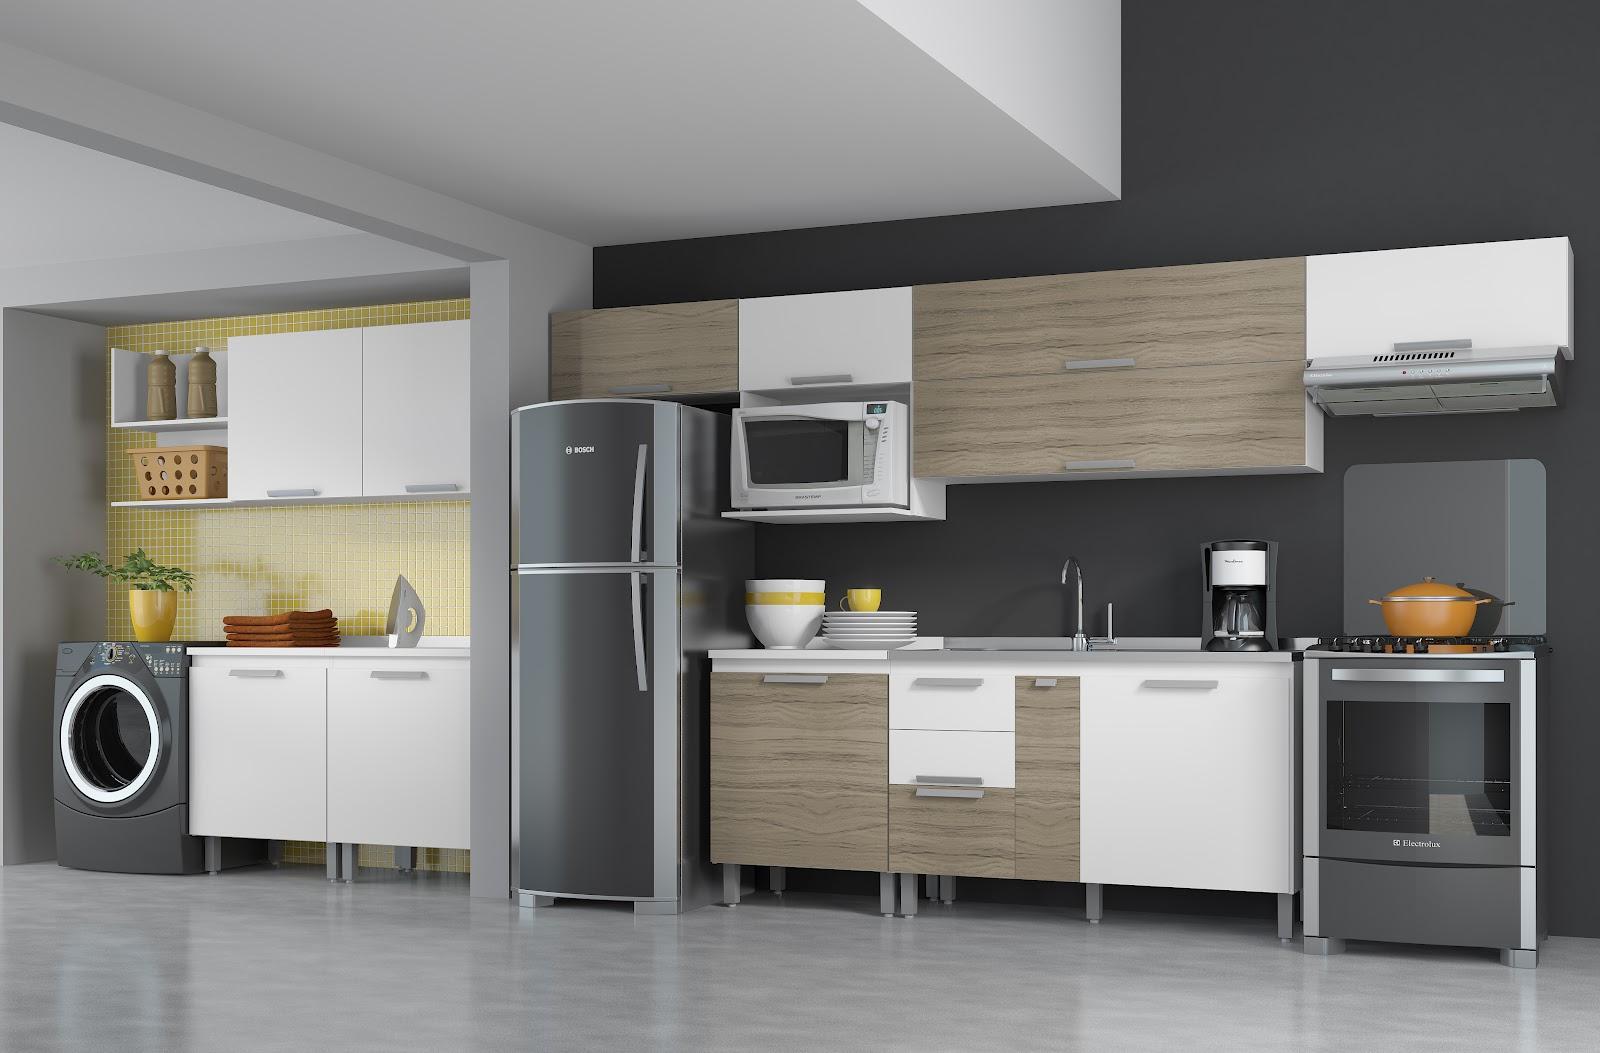 Related to Cozinhas Decoradas   Modelos de Cozinhas Pequenas #634A34 1600 1053